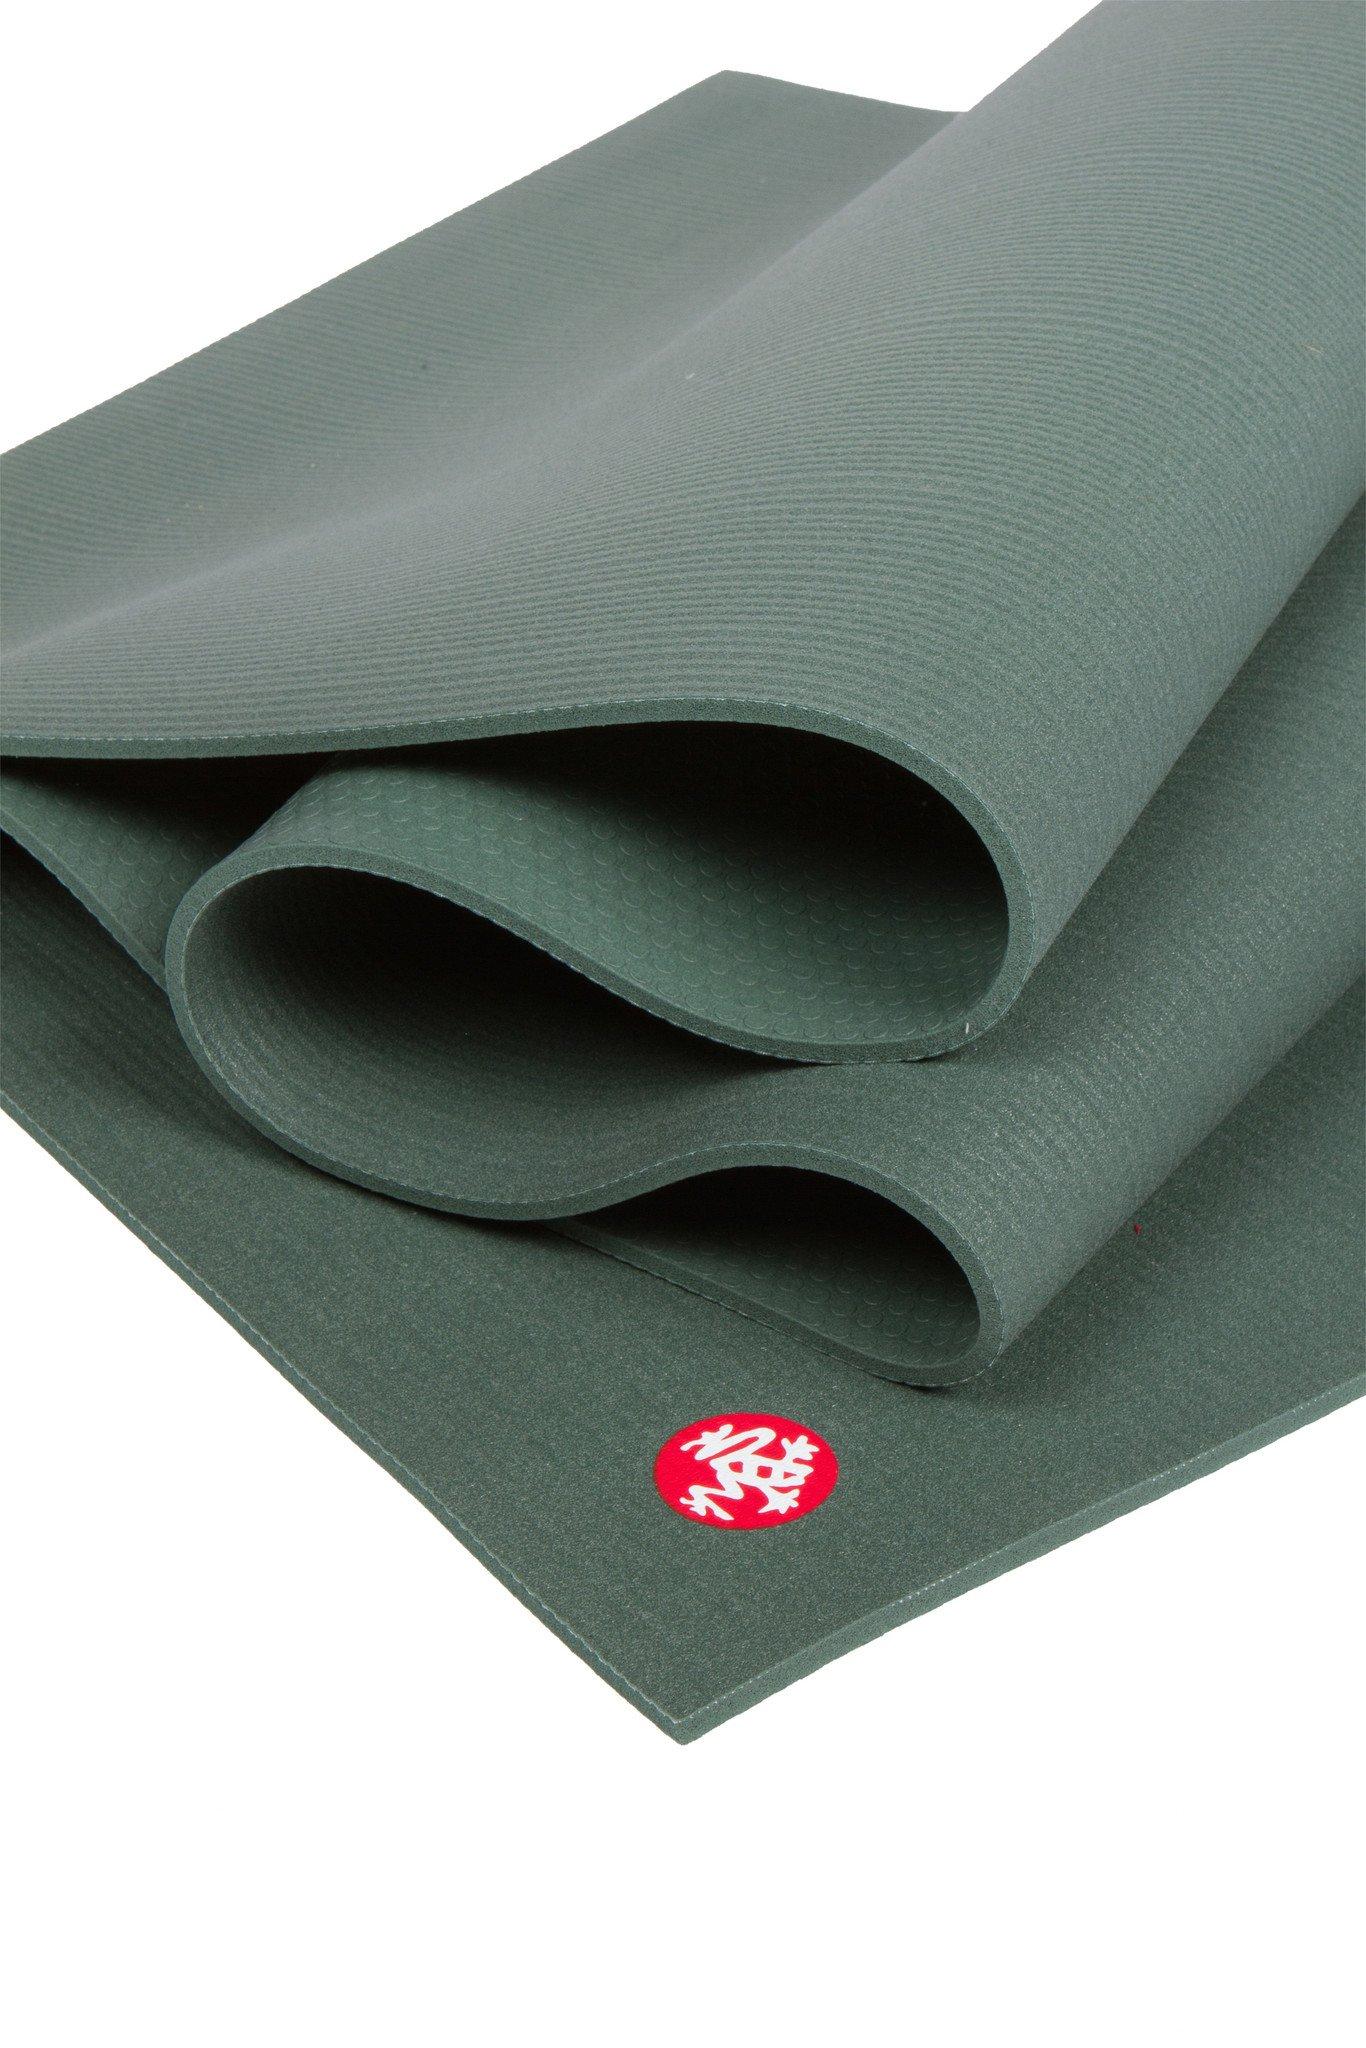 Pro MANDUKA 6mm Mat - Sage Green